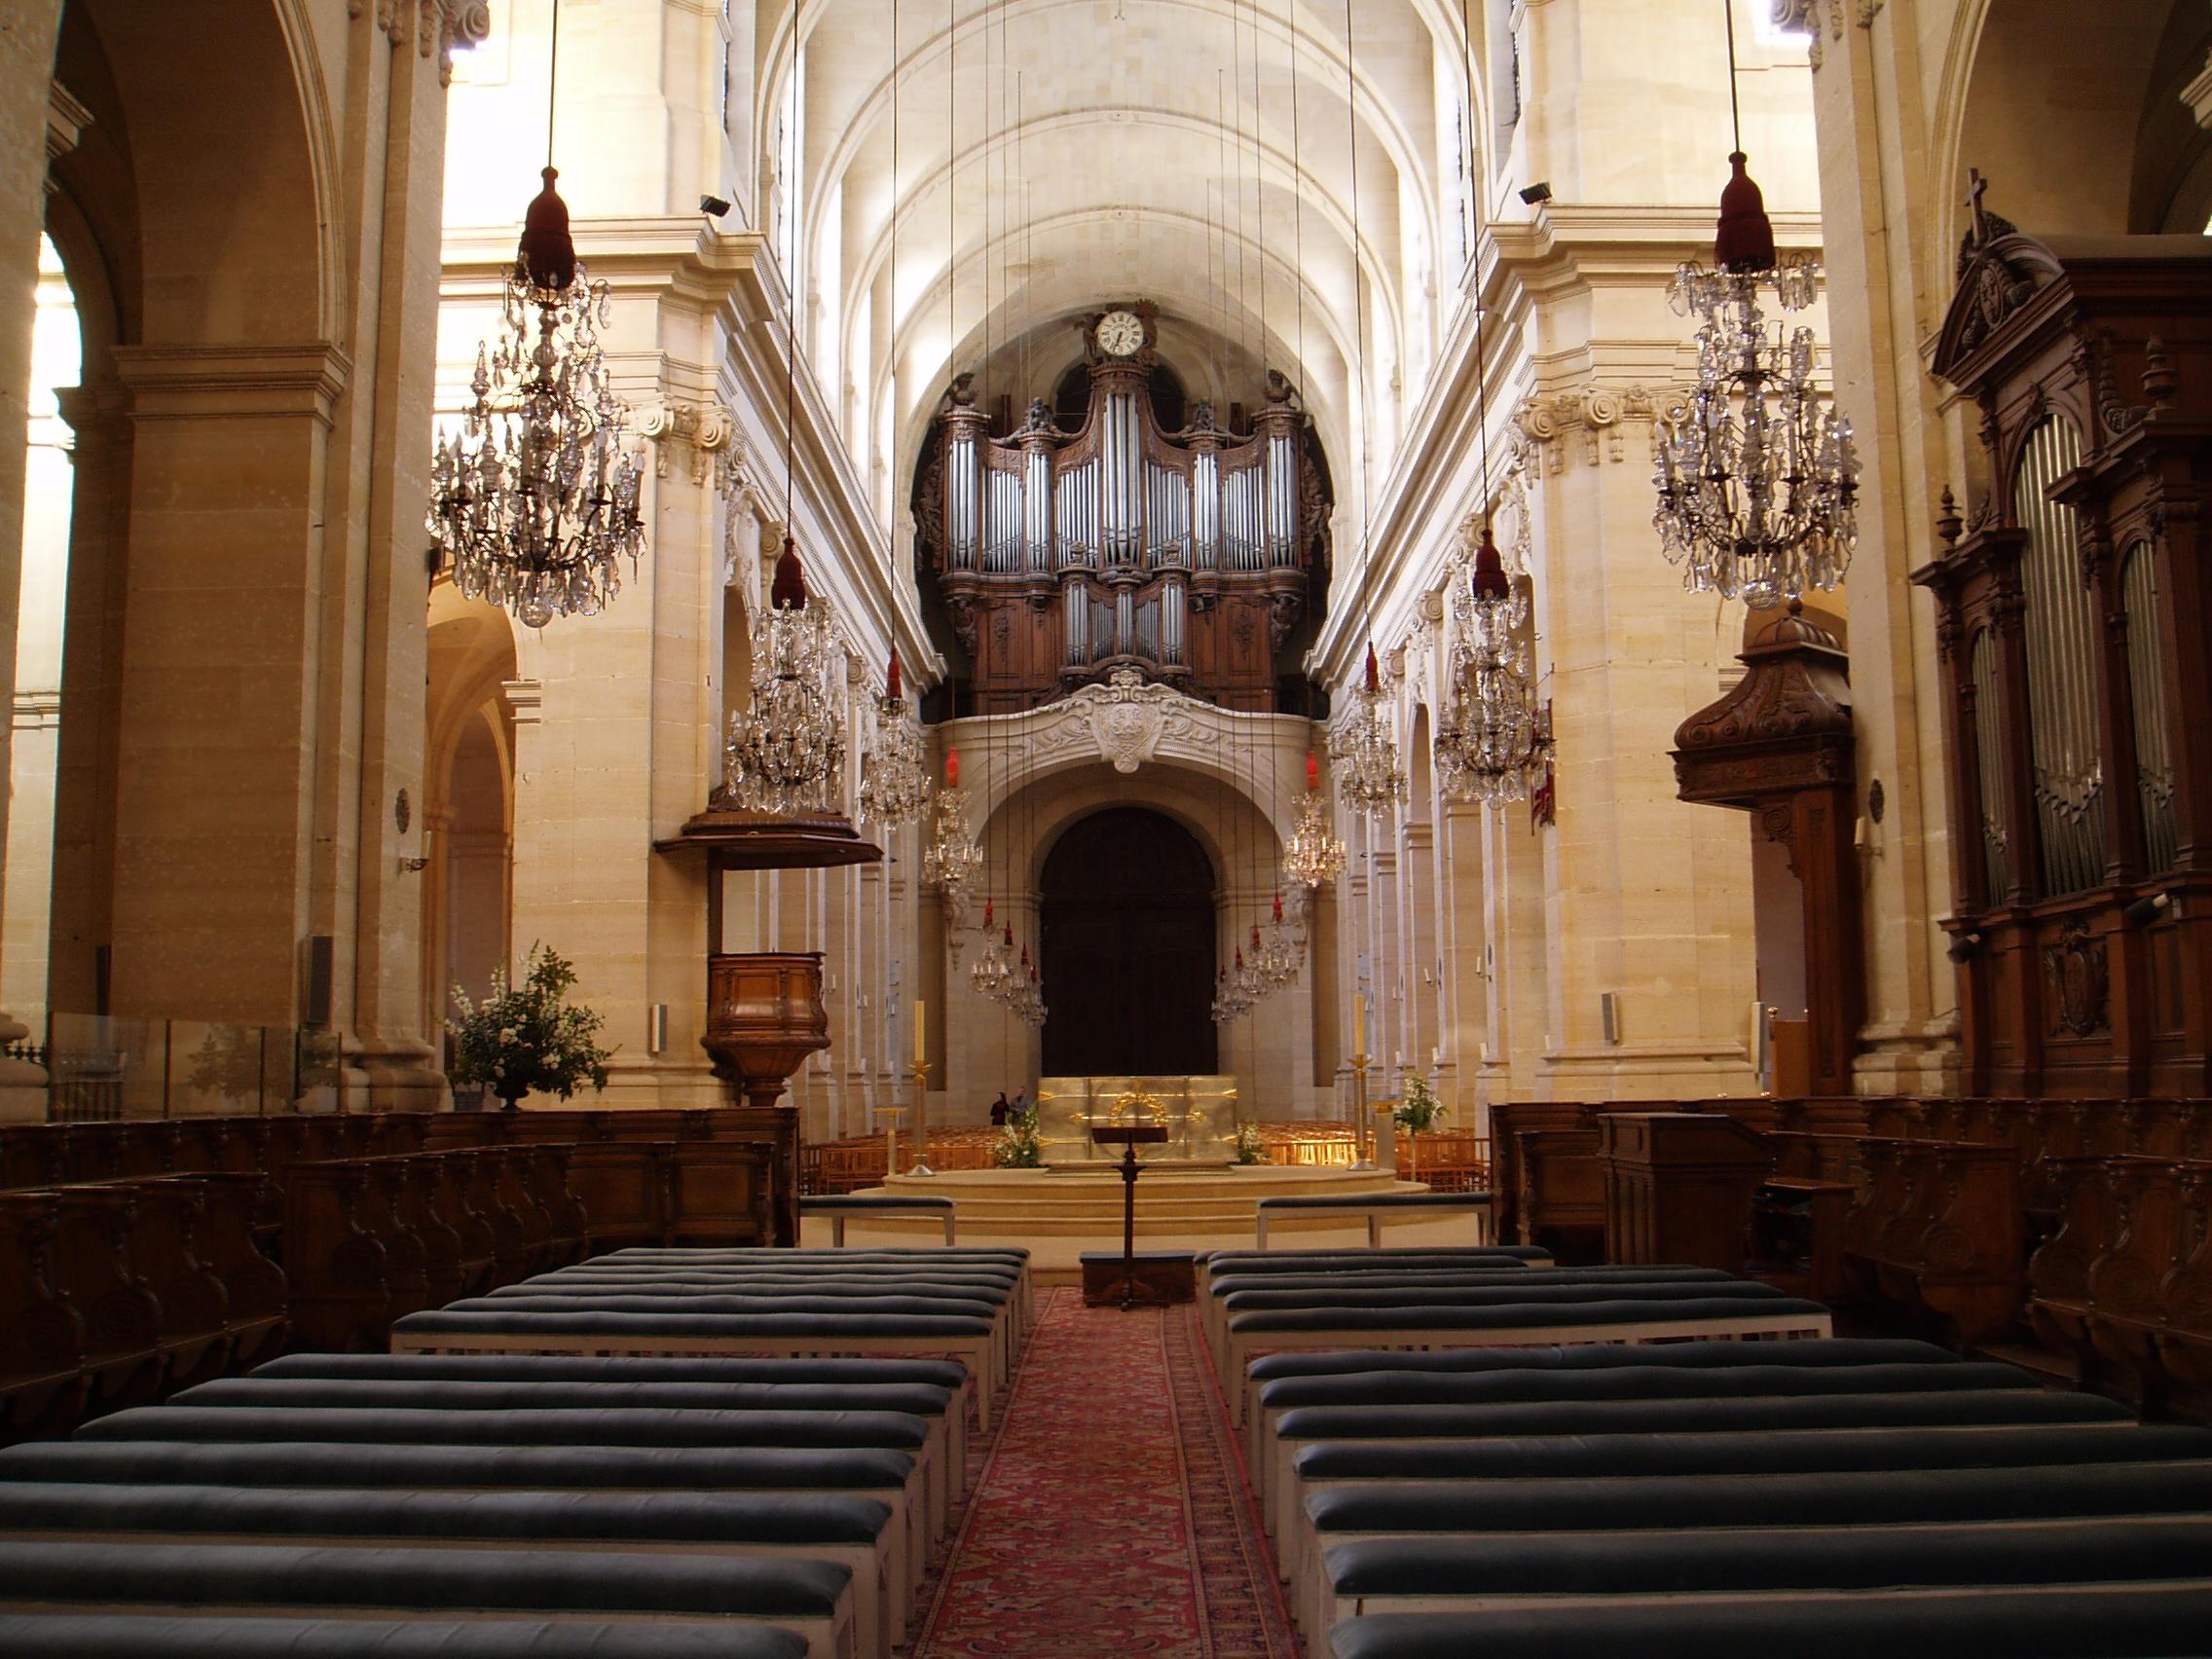 Cathedrale saint-louis de versailles.